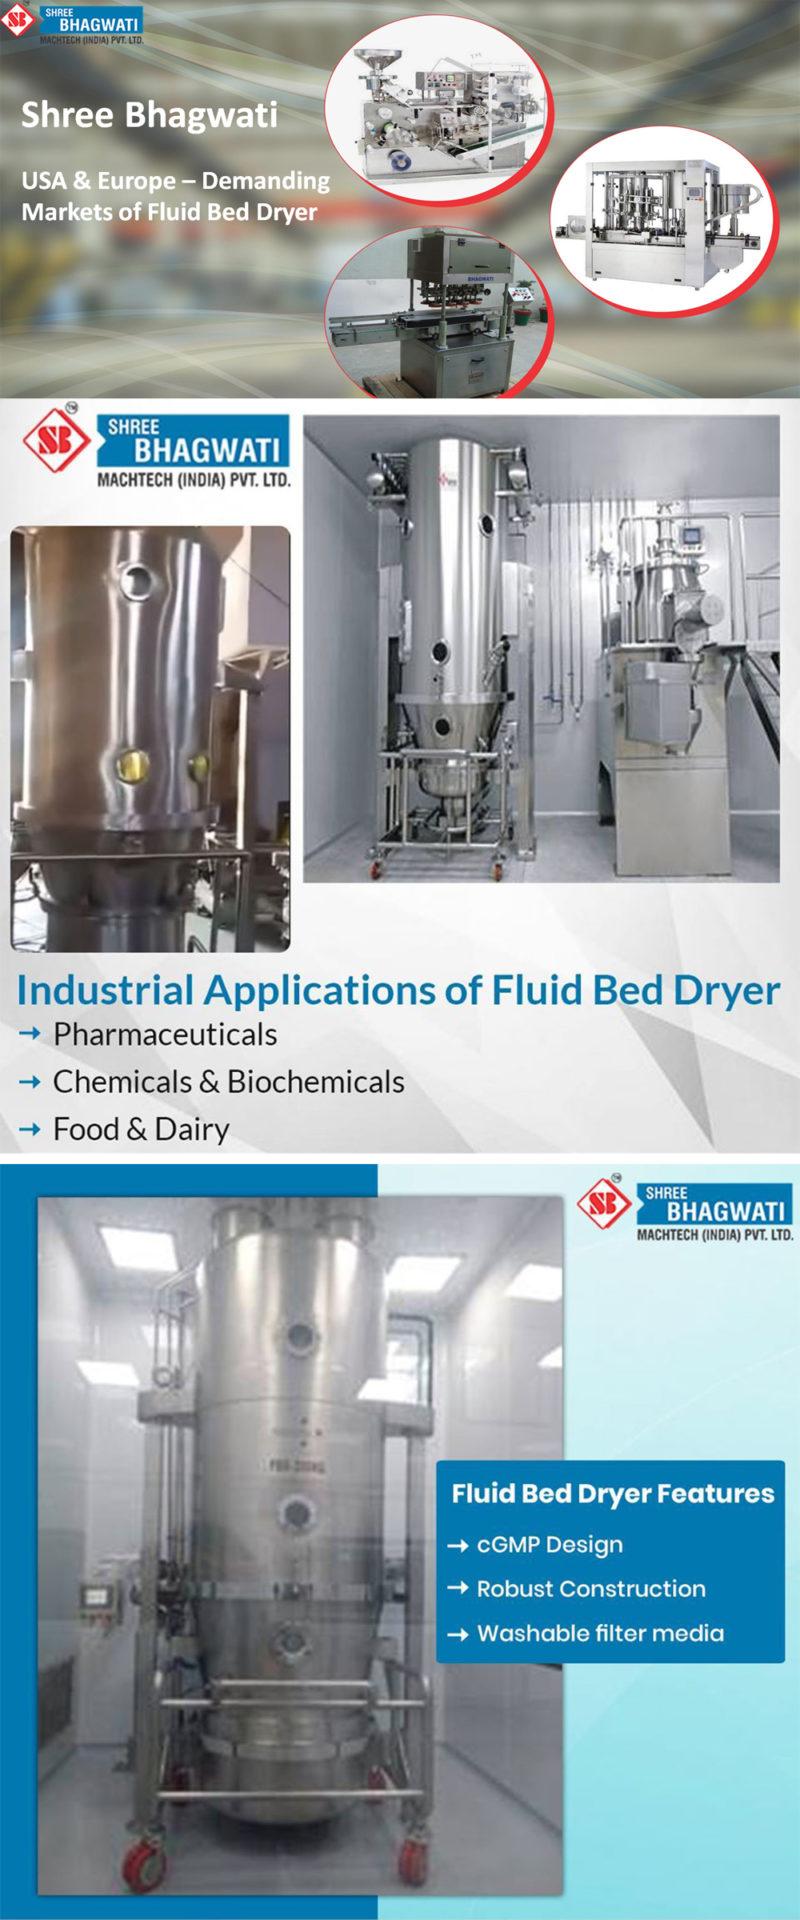 USA & Europe – Demanding Markets of Fluid Bed Dryer